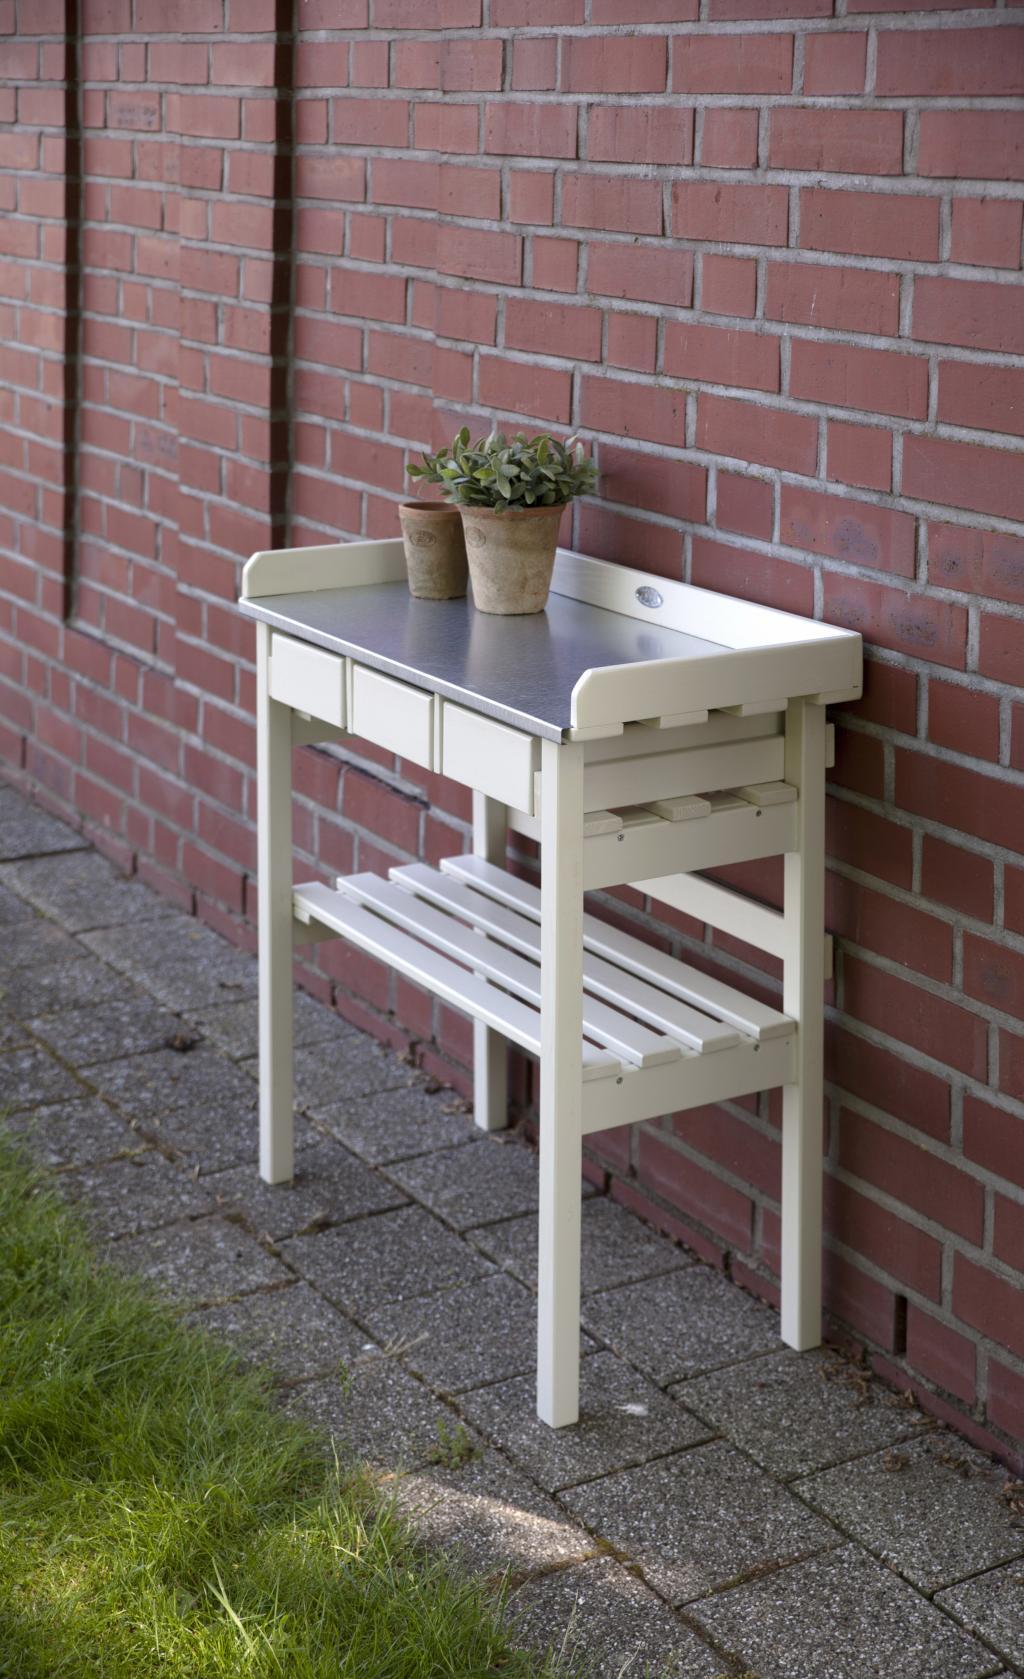 Arbeitstisch wei mit schubladen esschert design for Arbeitstisch design